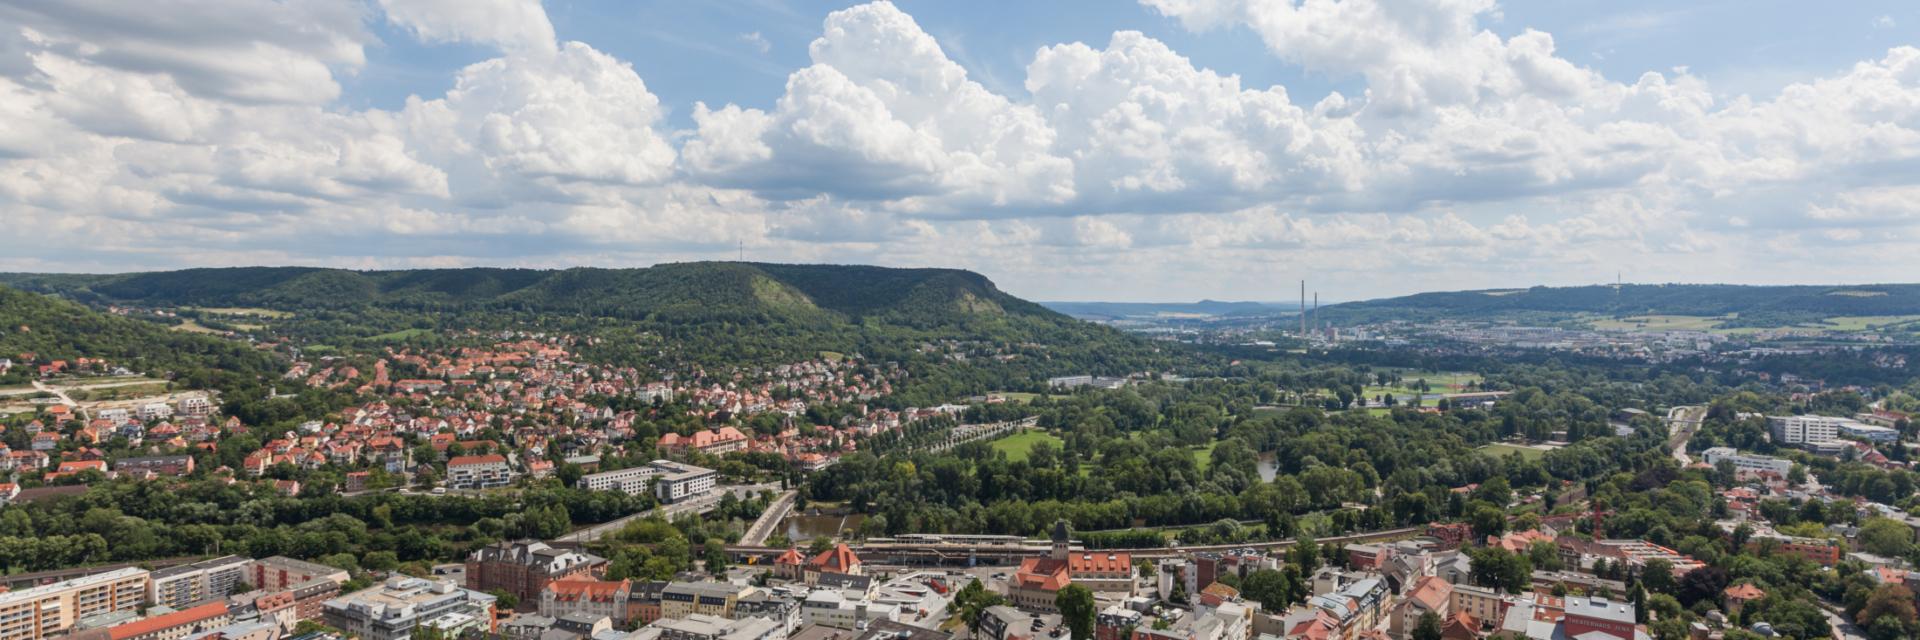 Luftaufnahme der Tagungsstadt Jena